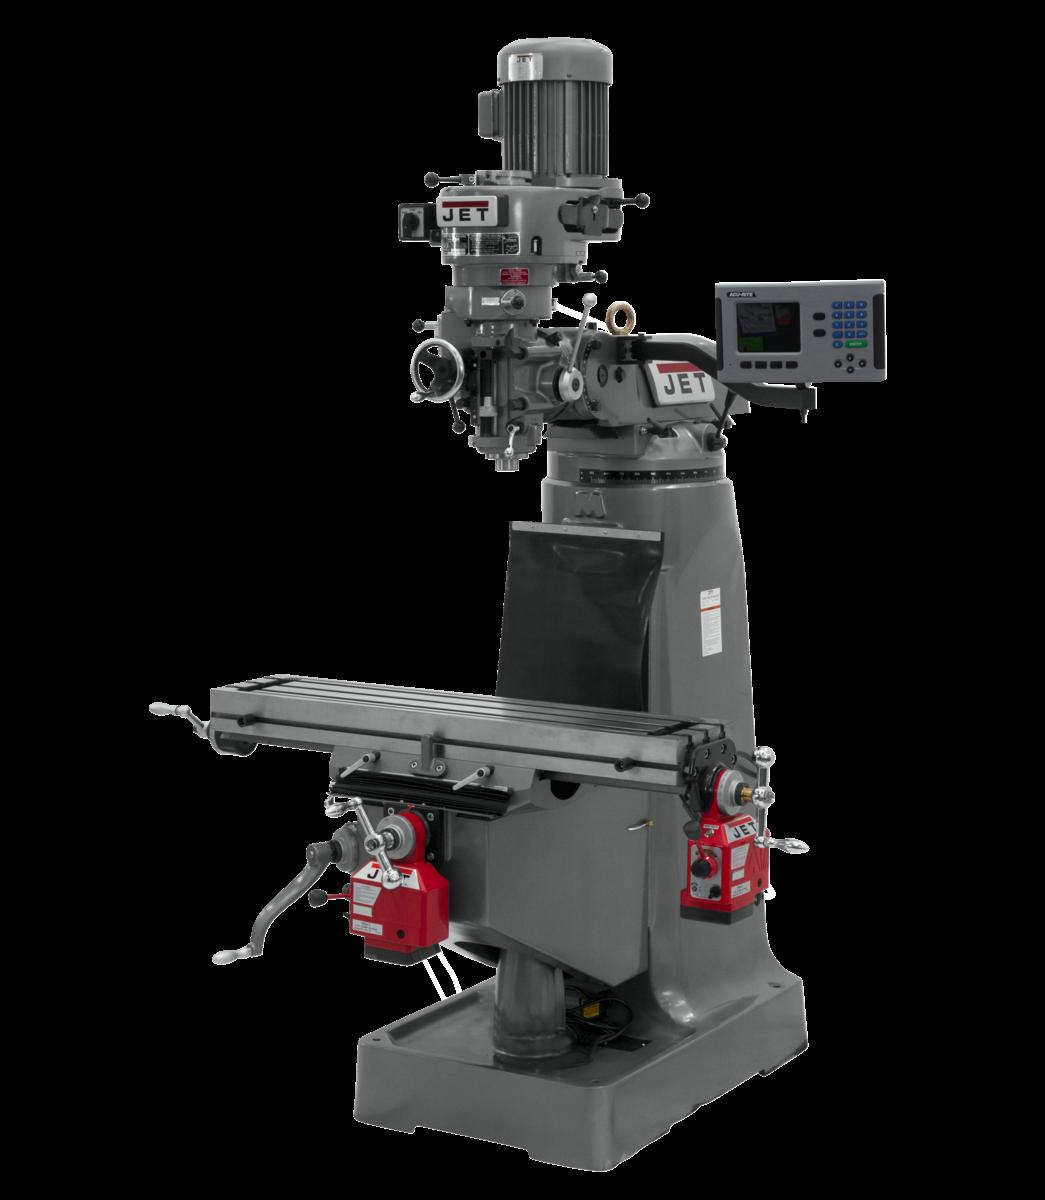 Fresadora JVM-1 con visualizador de posición digital ACU-RITE 200S, alimentación automática eje X y alimentación automática eje Y instalados